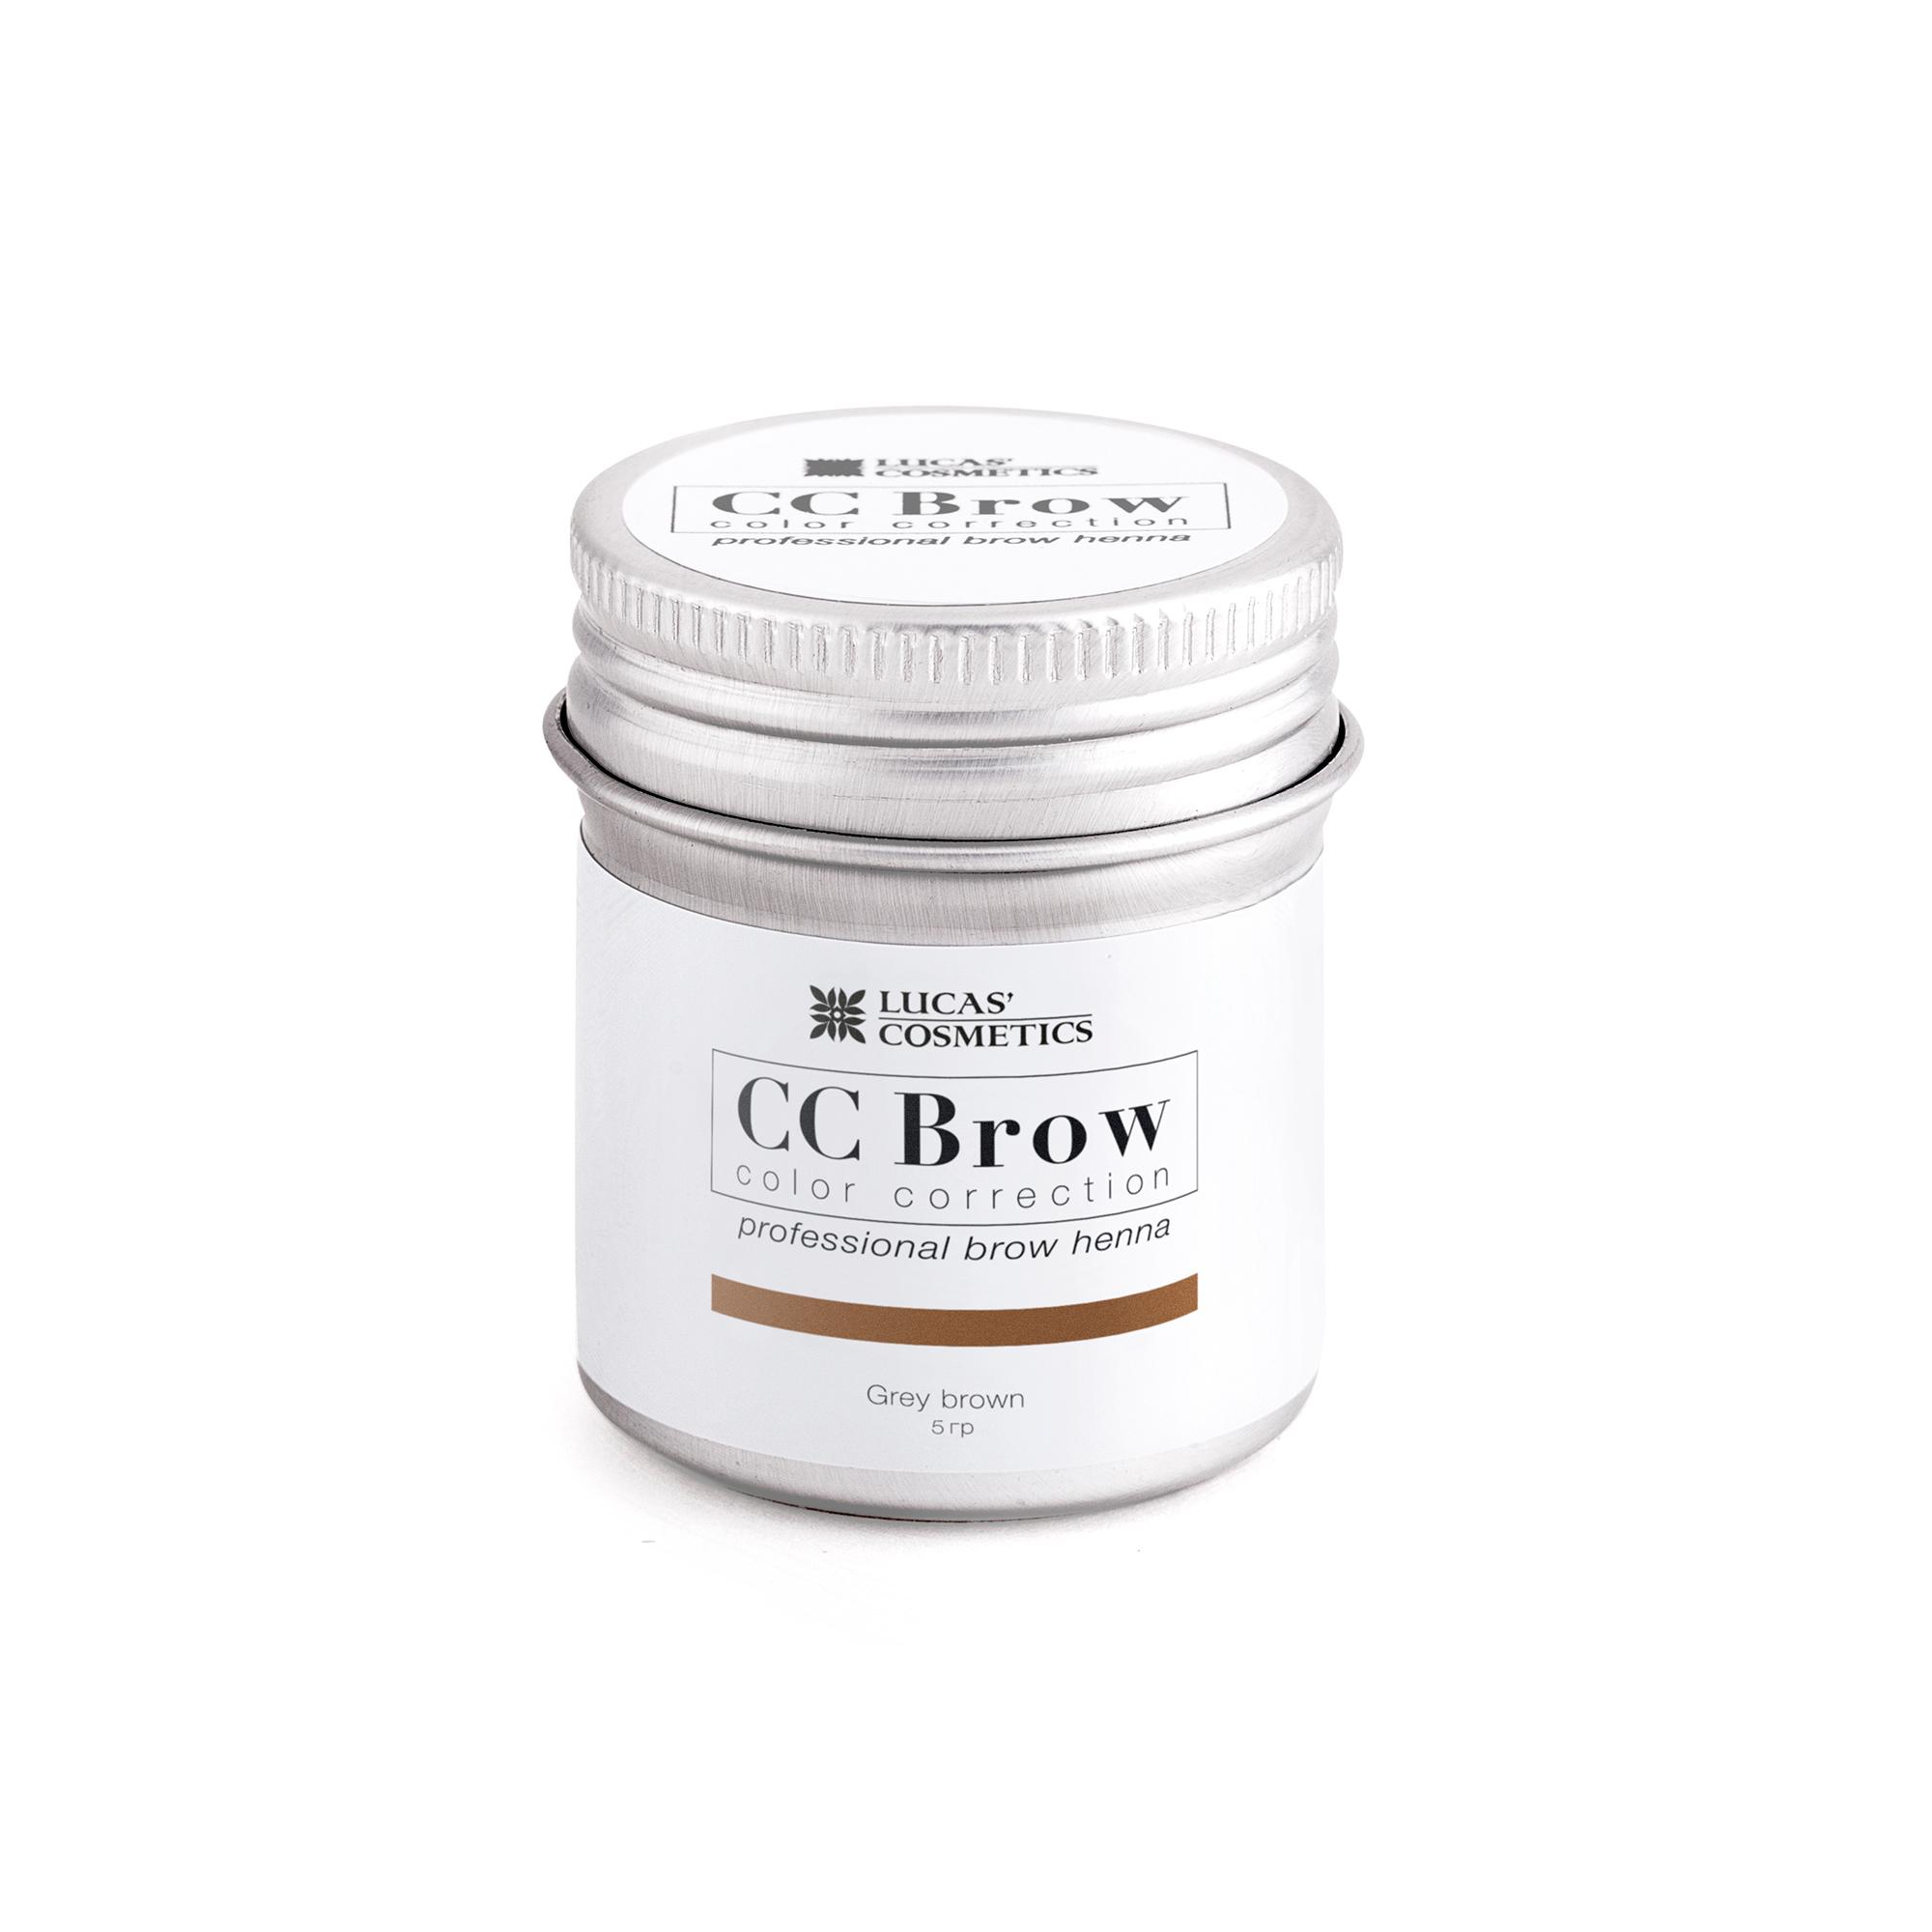 LUCAS' COSMETICS Хна для бровей, серо-коричневый (в баночке) / CC Brow grey brown 5 г - Хна для бровей